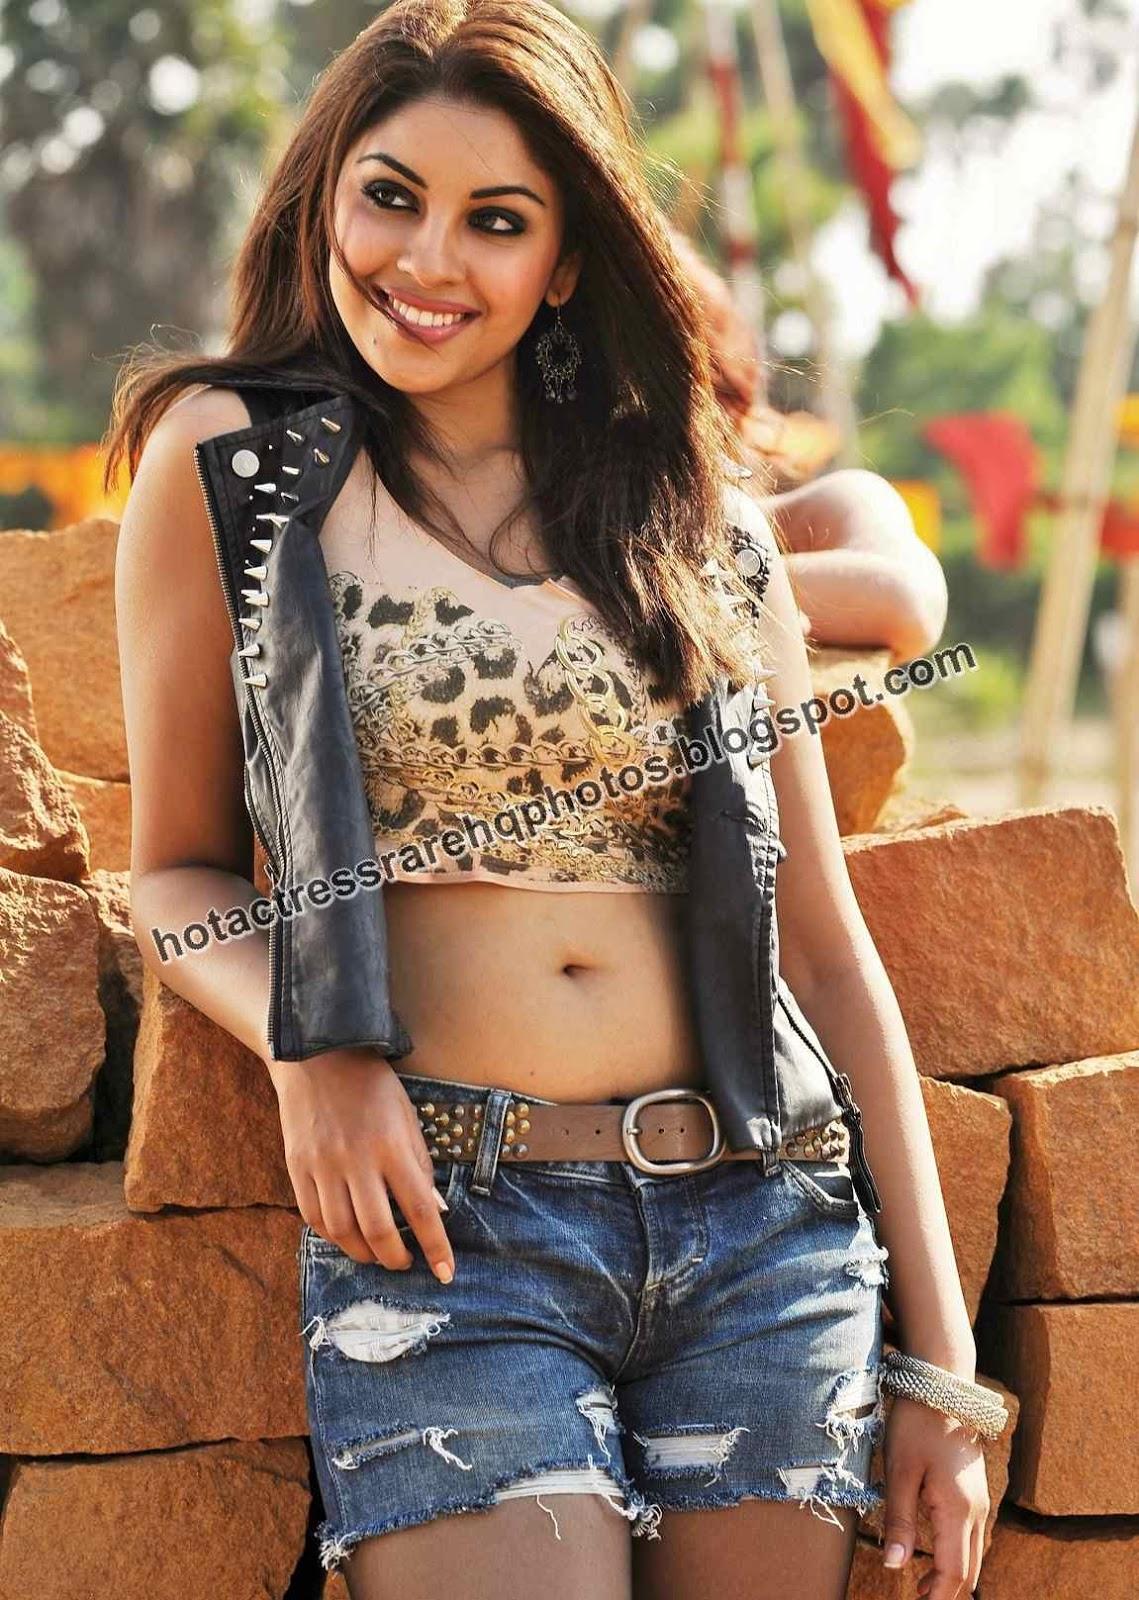 Deep navel images actress